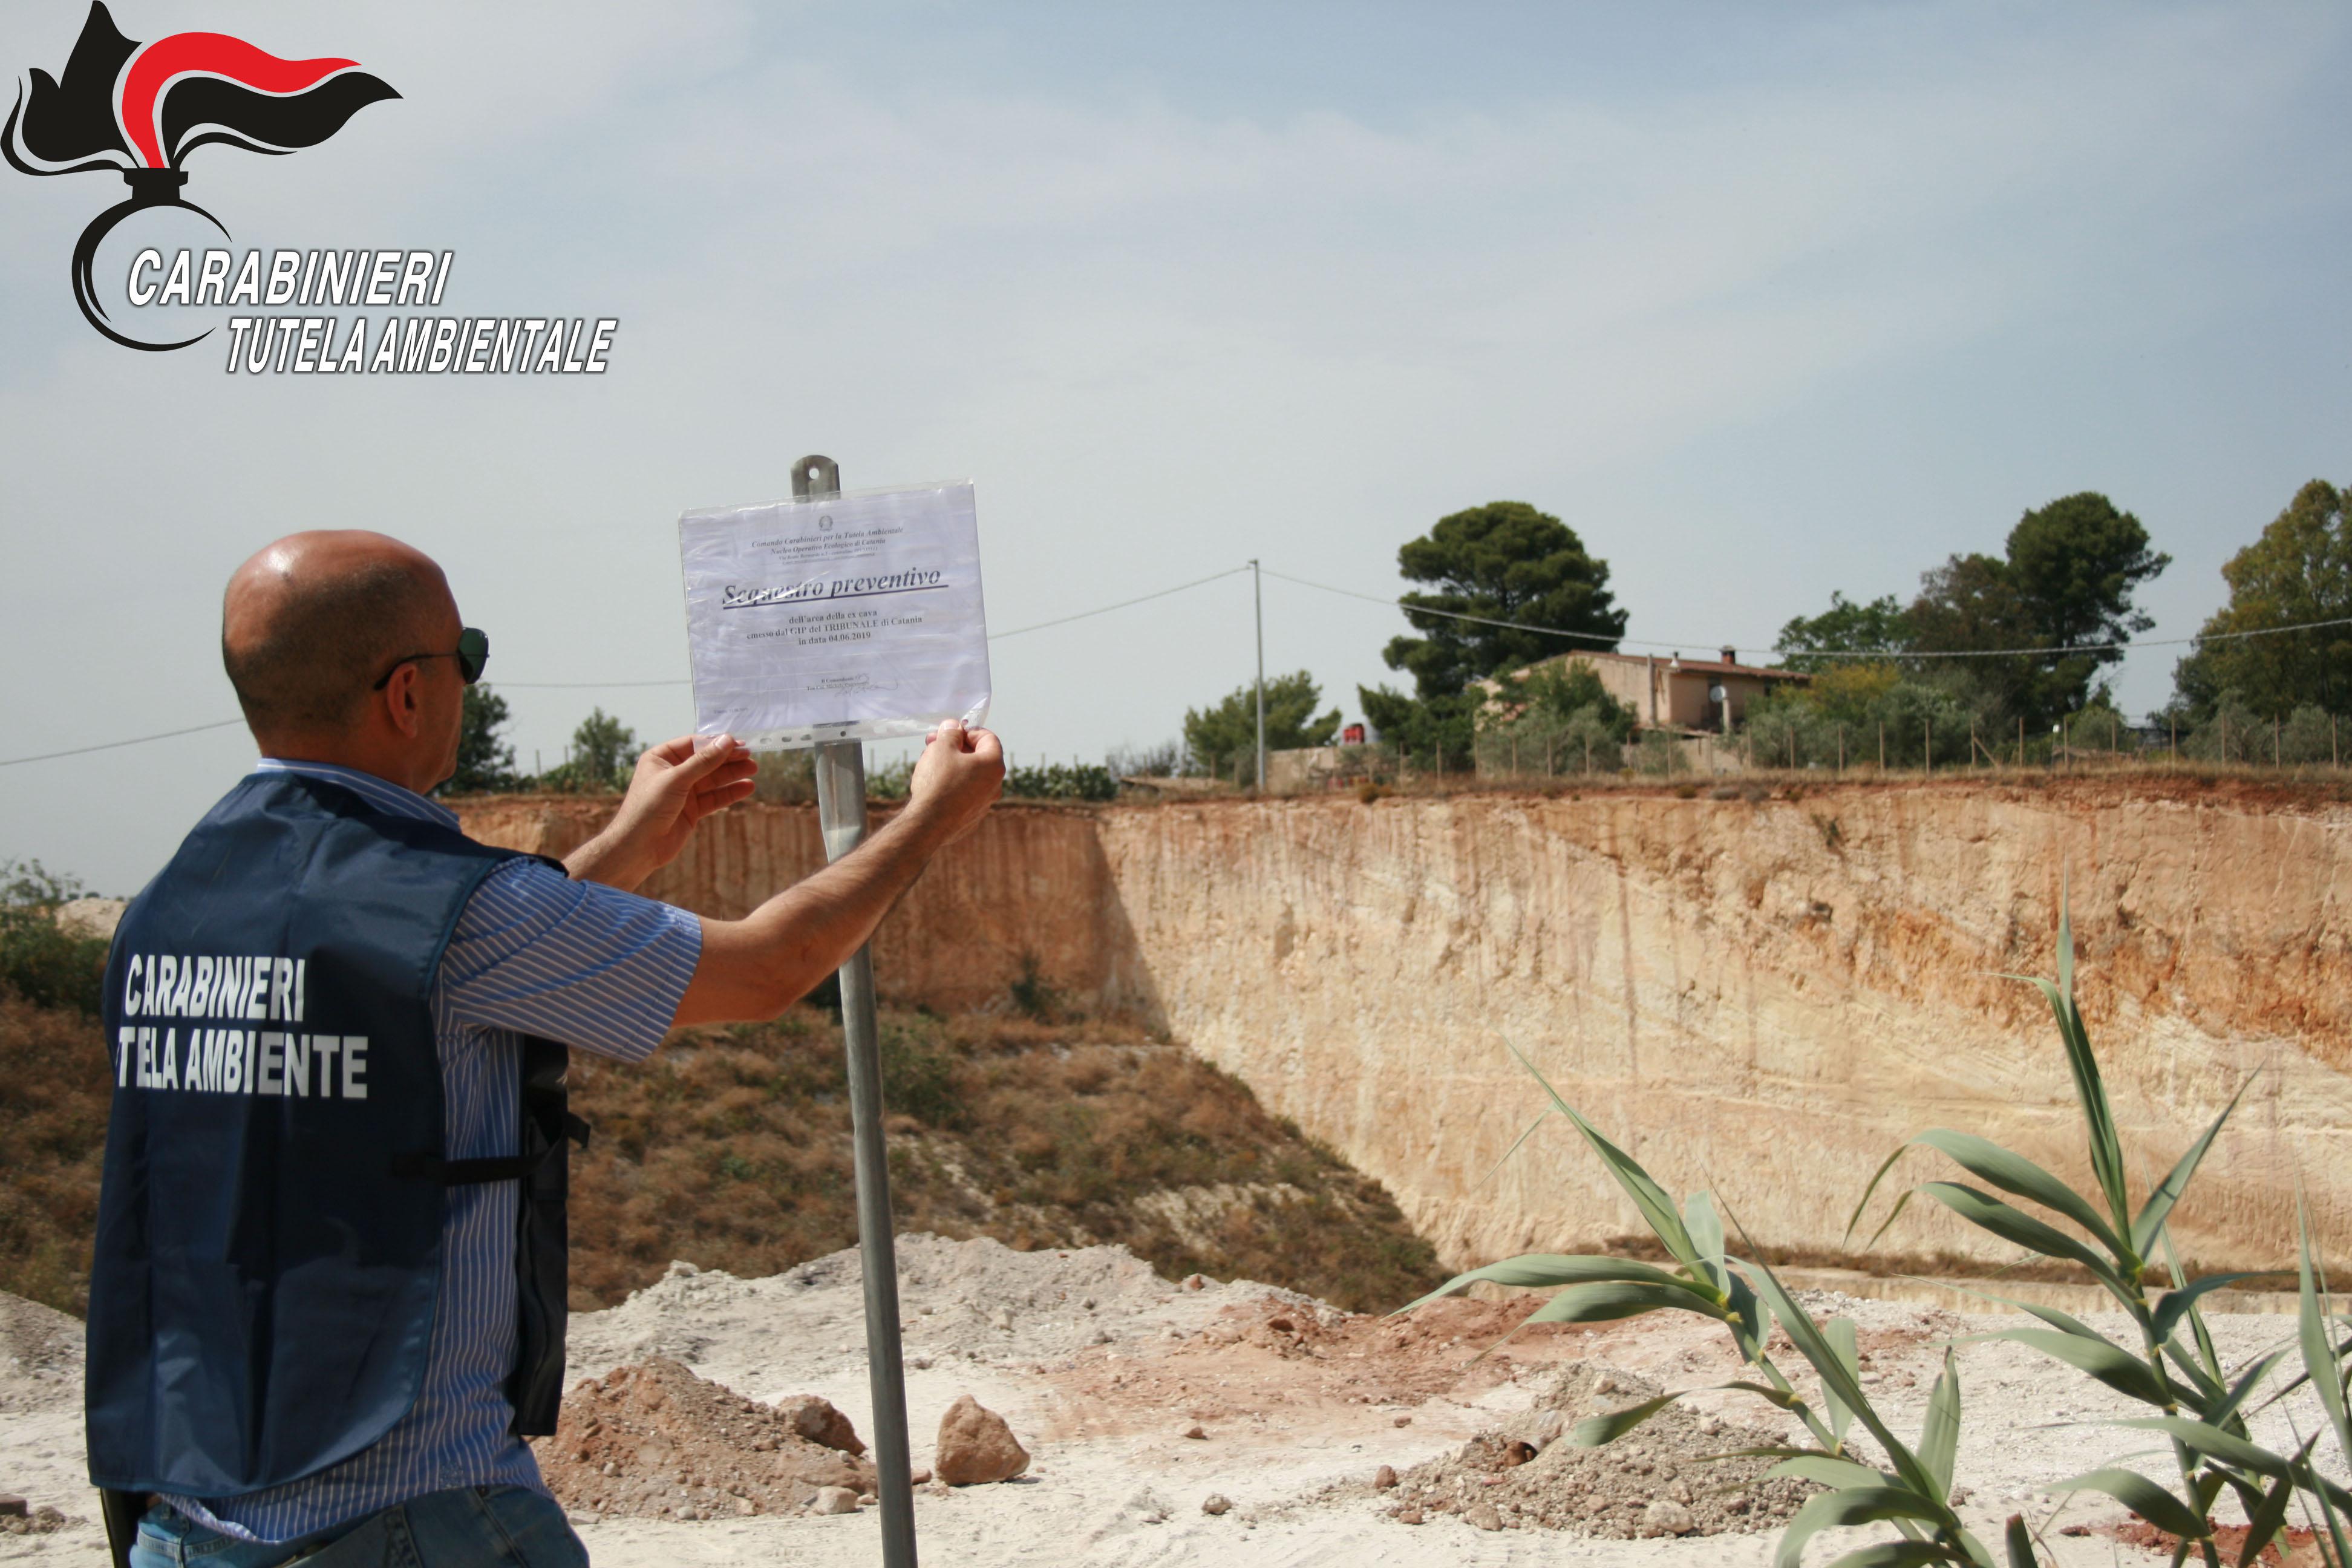 Sequestrata a Vittoria una cava con rifiuti tossici: 2 persone denunciate